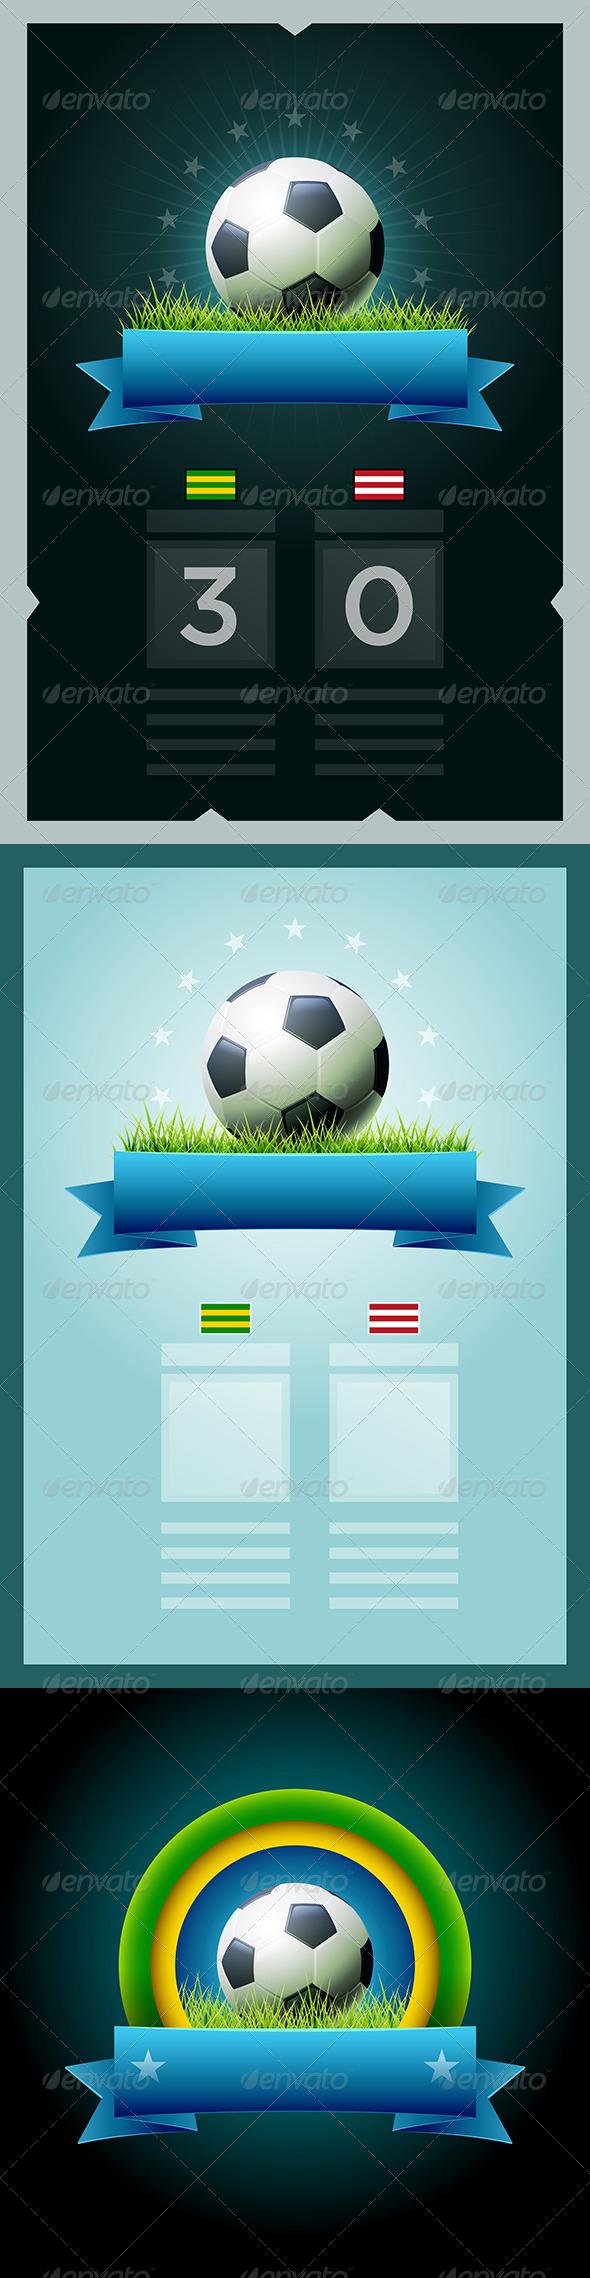 GraphicRiver Soccer Scoreboard Design 7402722